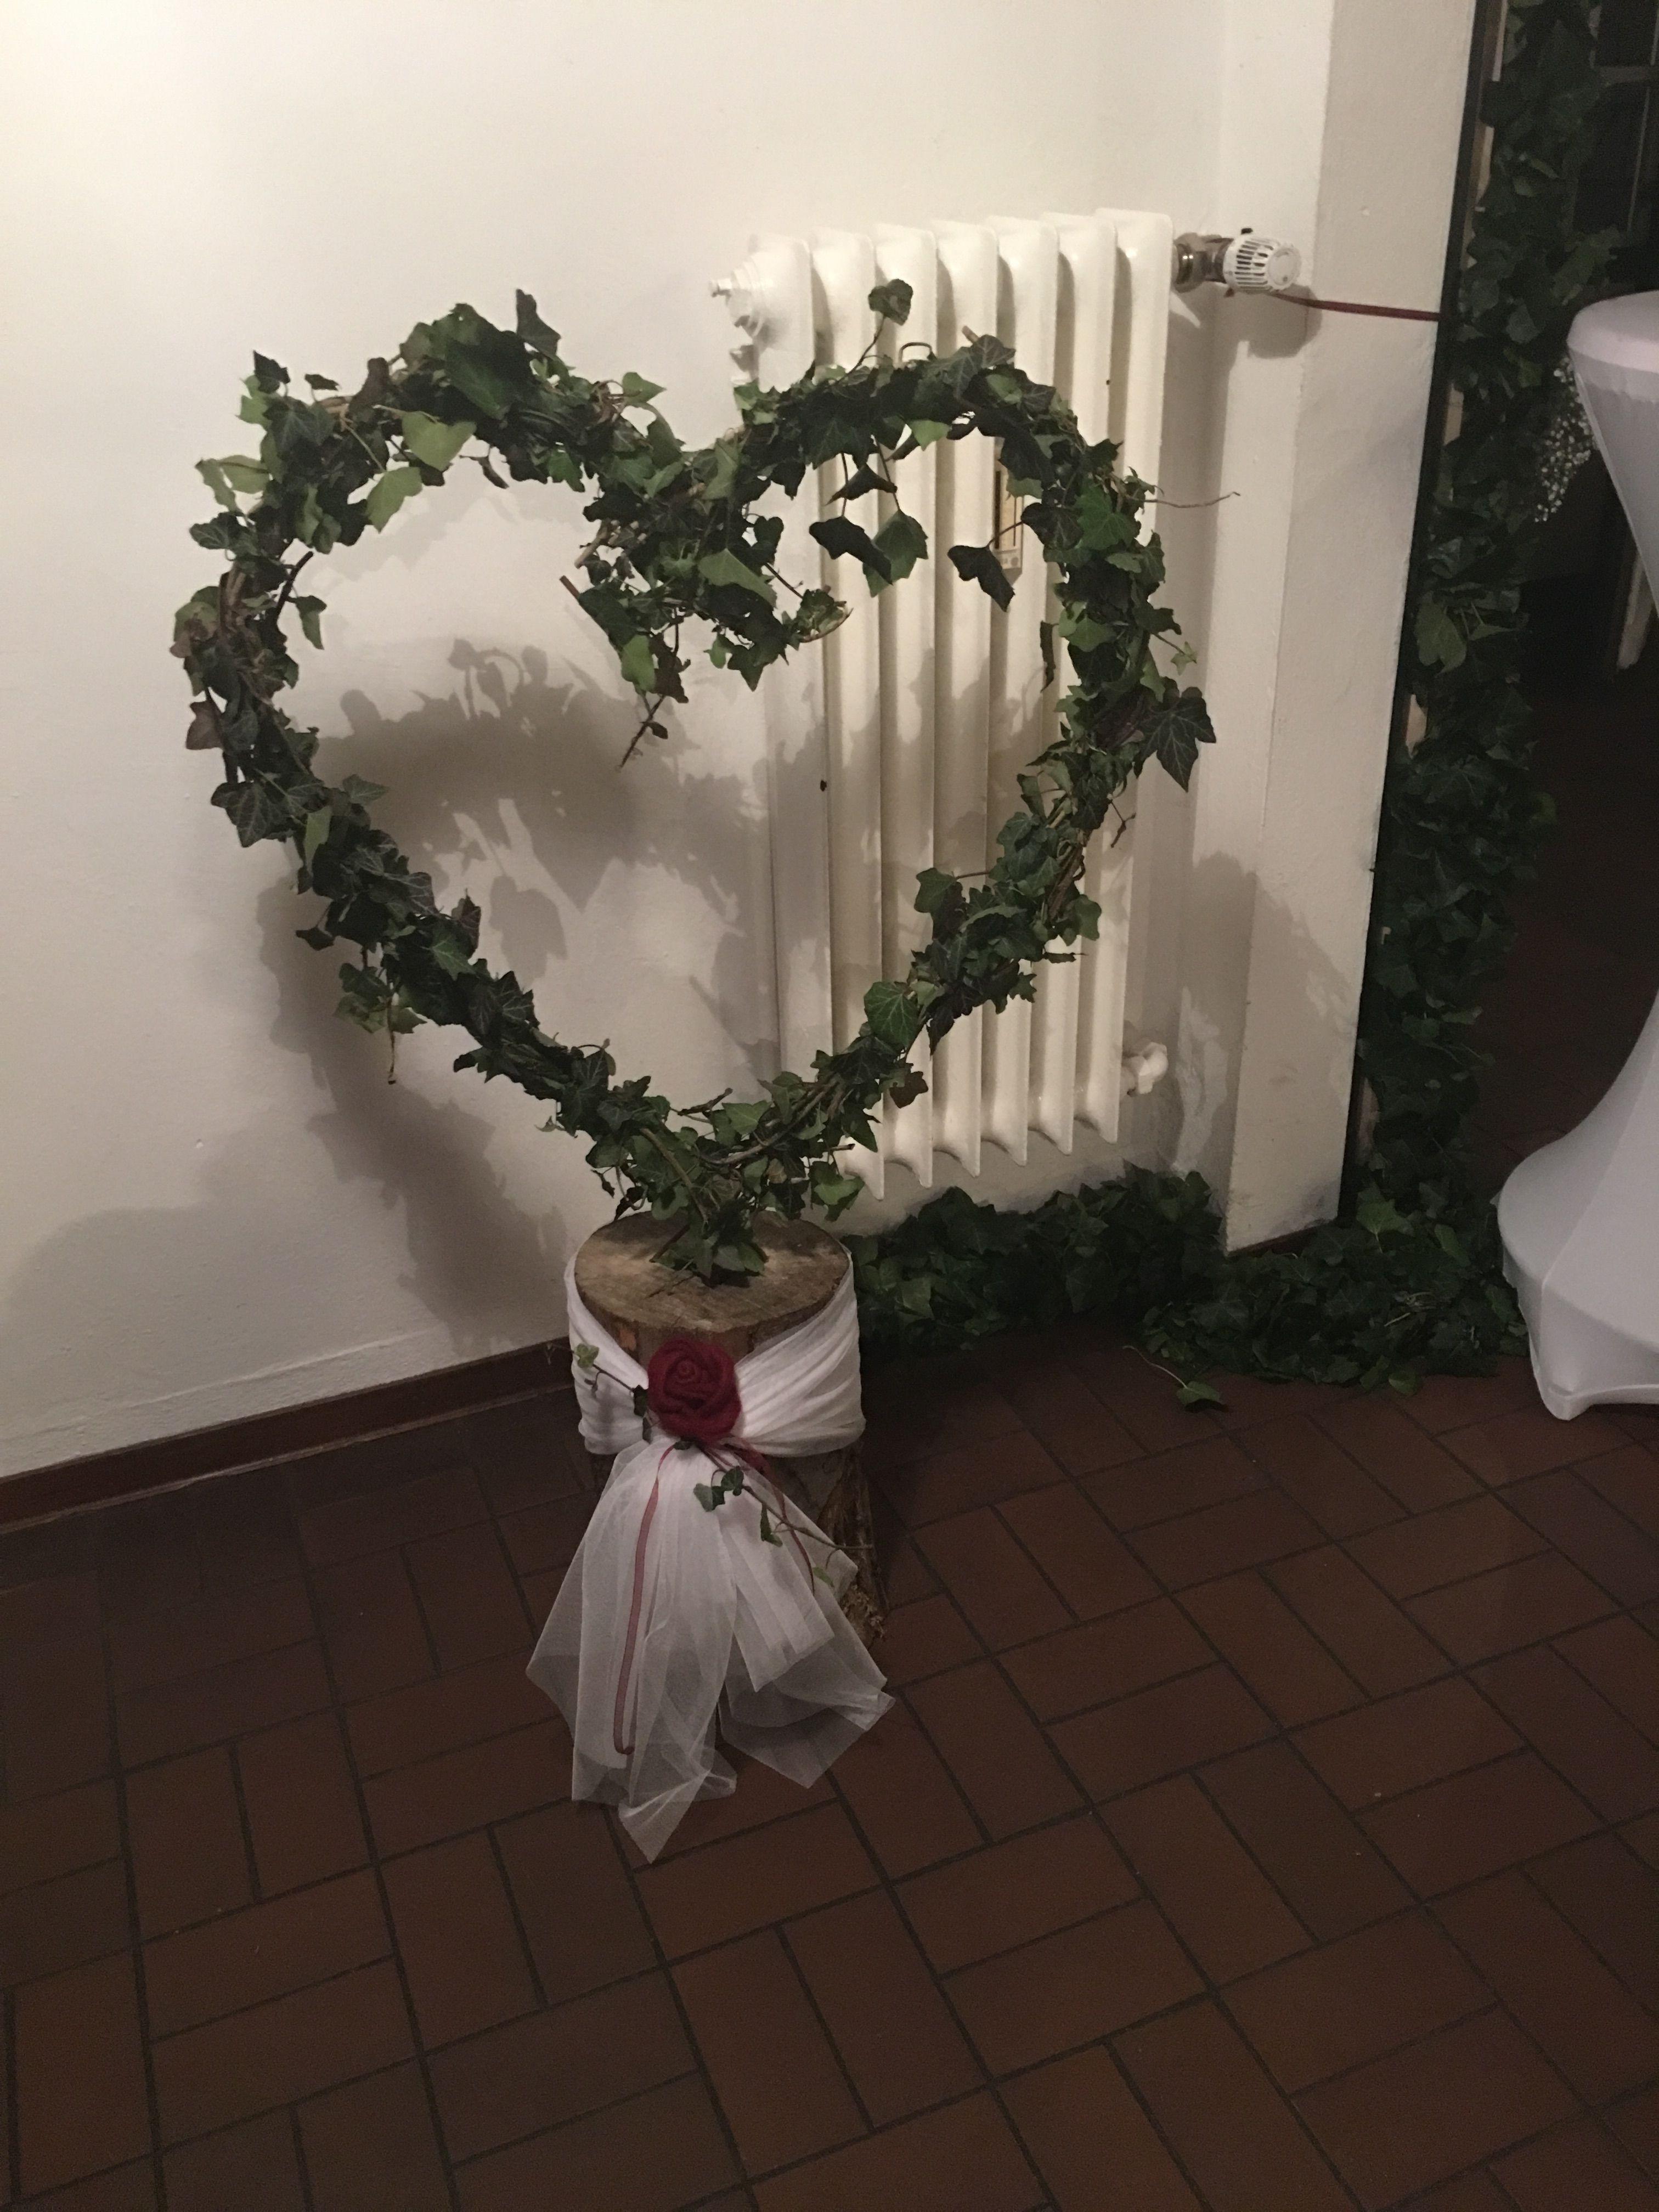 Efeu Herz Auf Holzklotz Schone Deko Idee Fur Hochzeiten